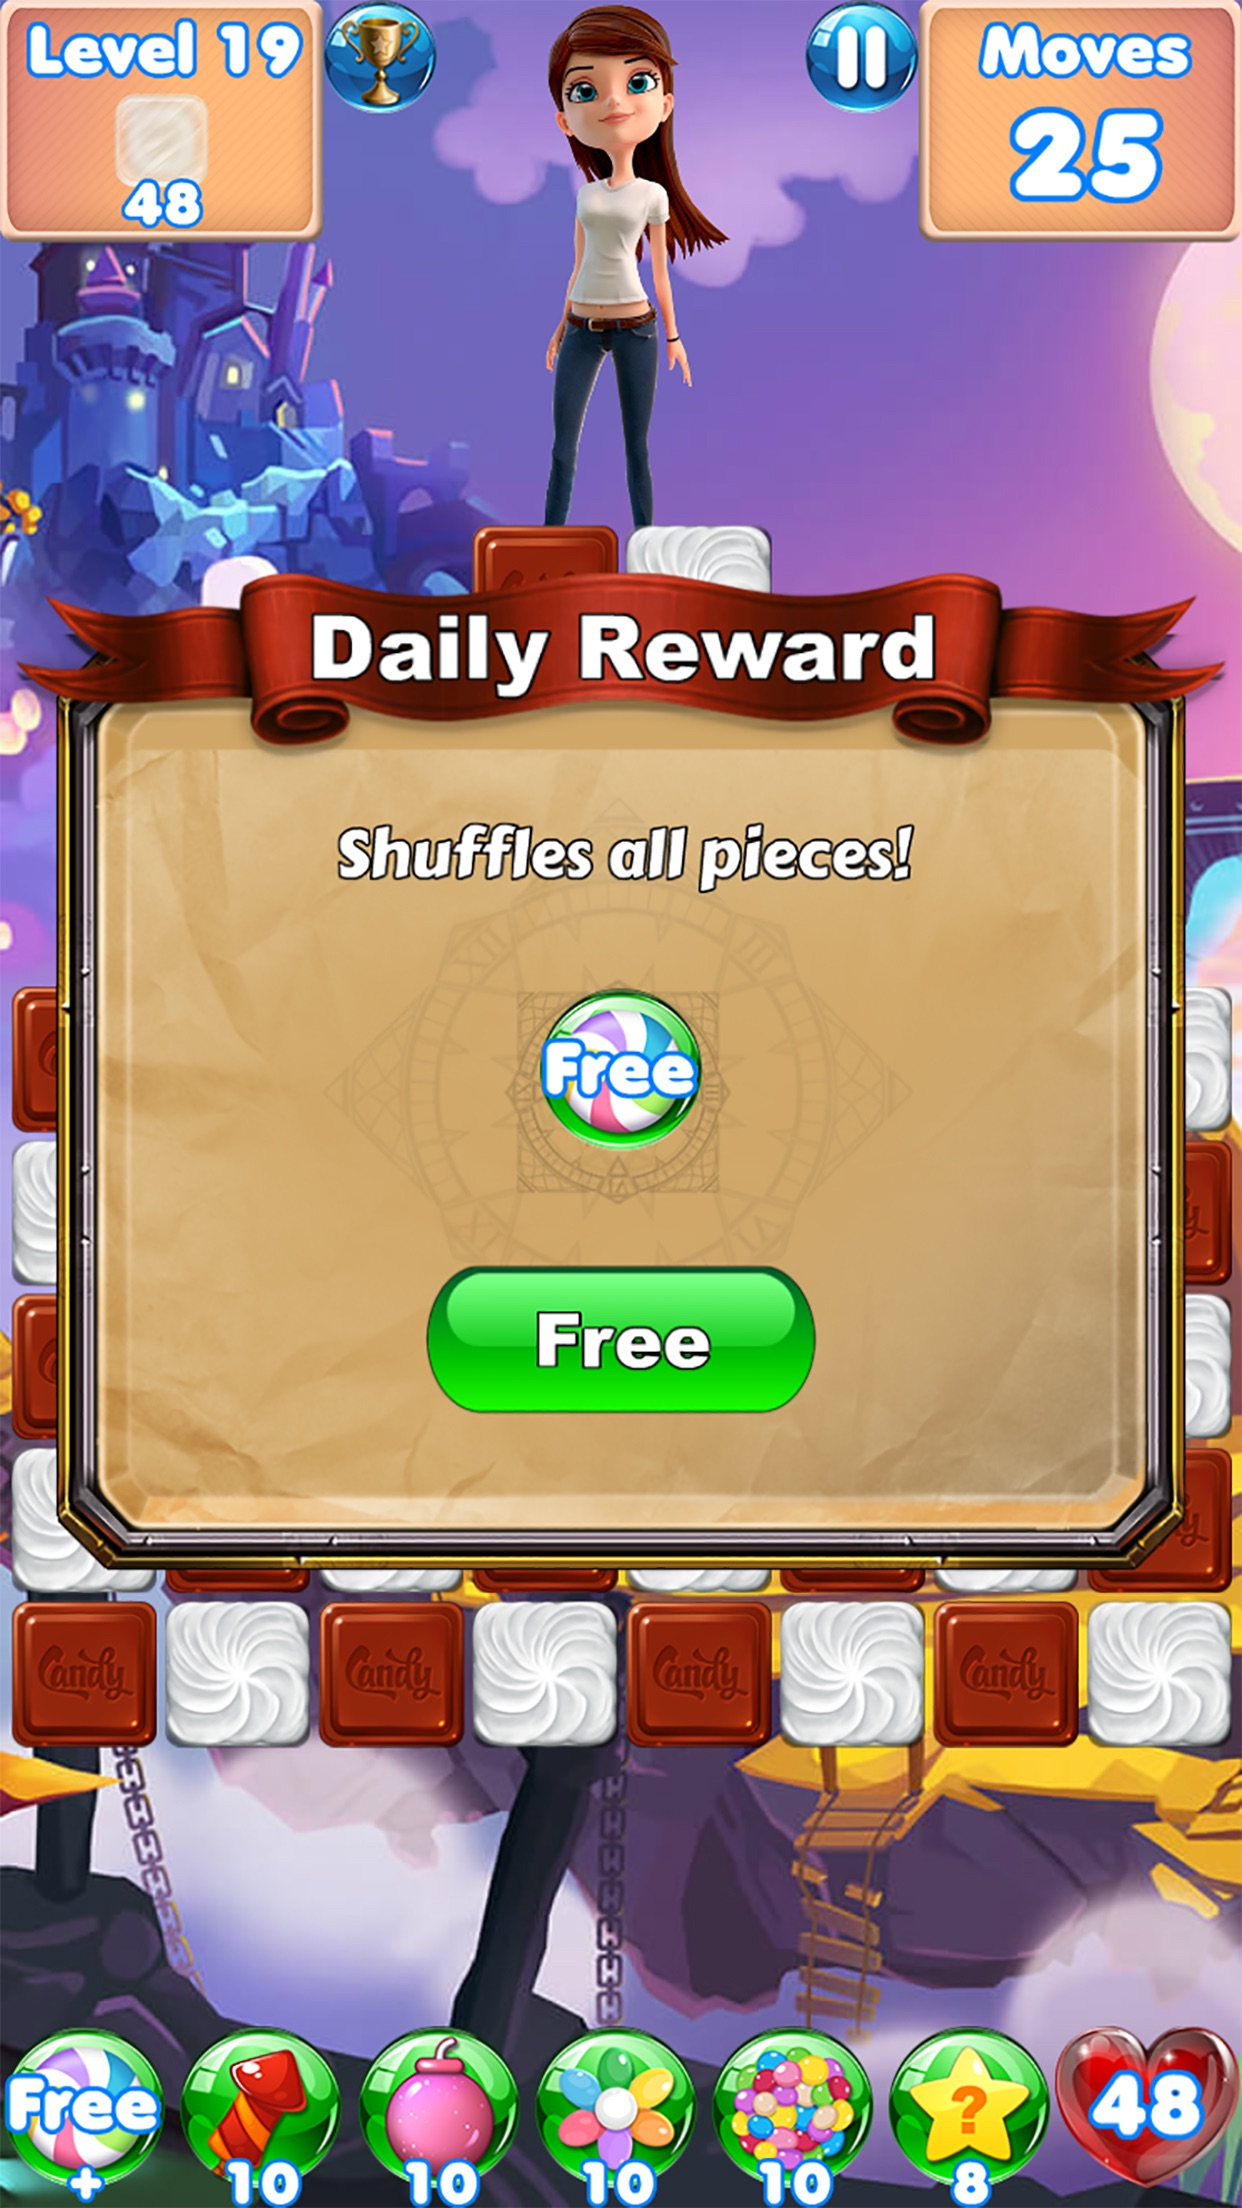 Candy Girl - Fun match 3 games Screenshot